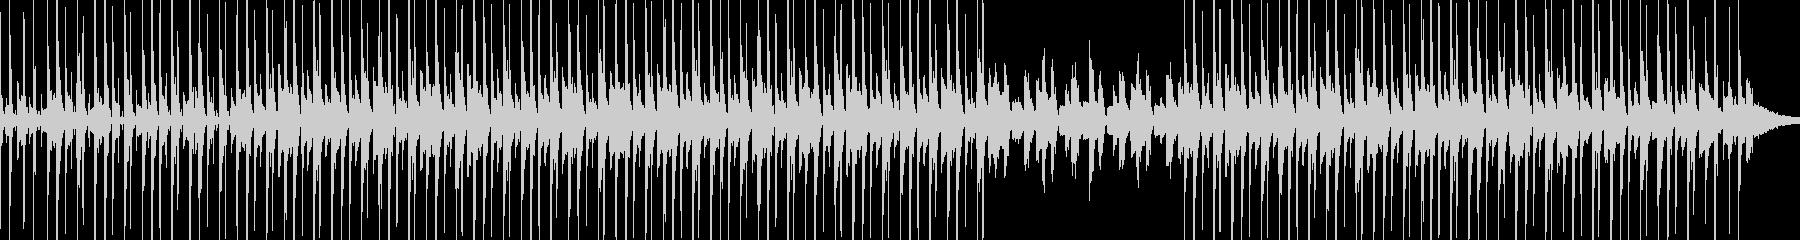 スチールドラムとvibeyレゲエトラックの未再生の波形